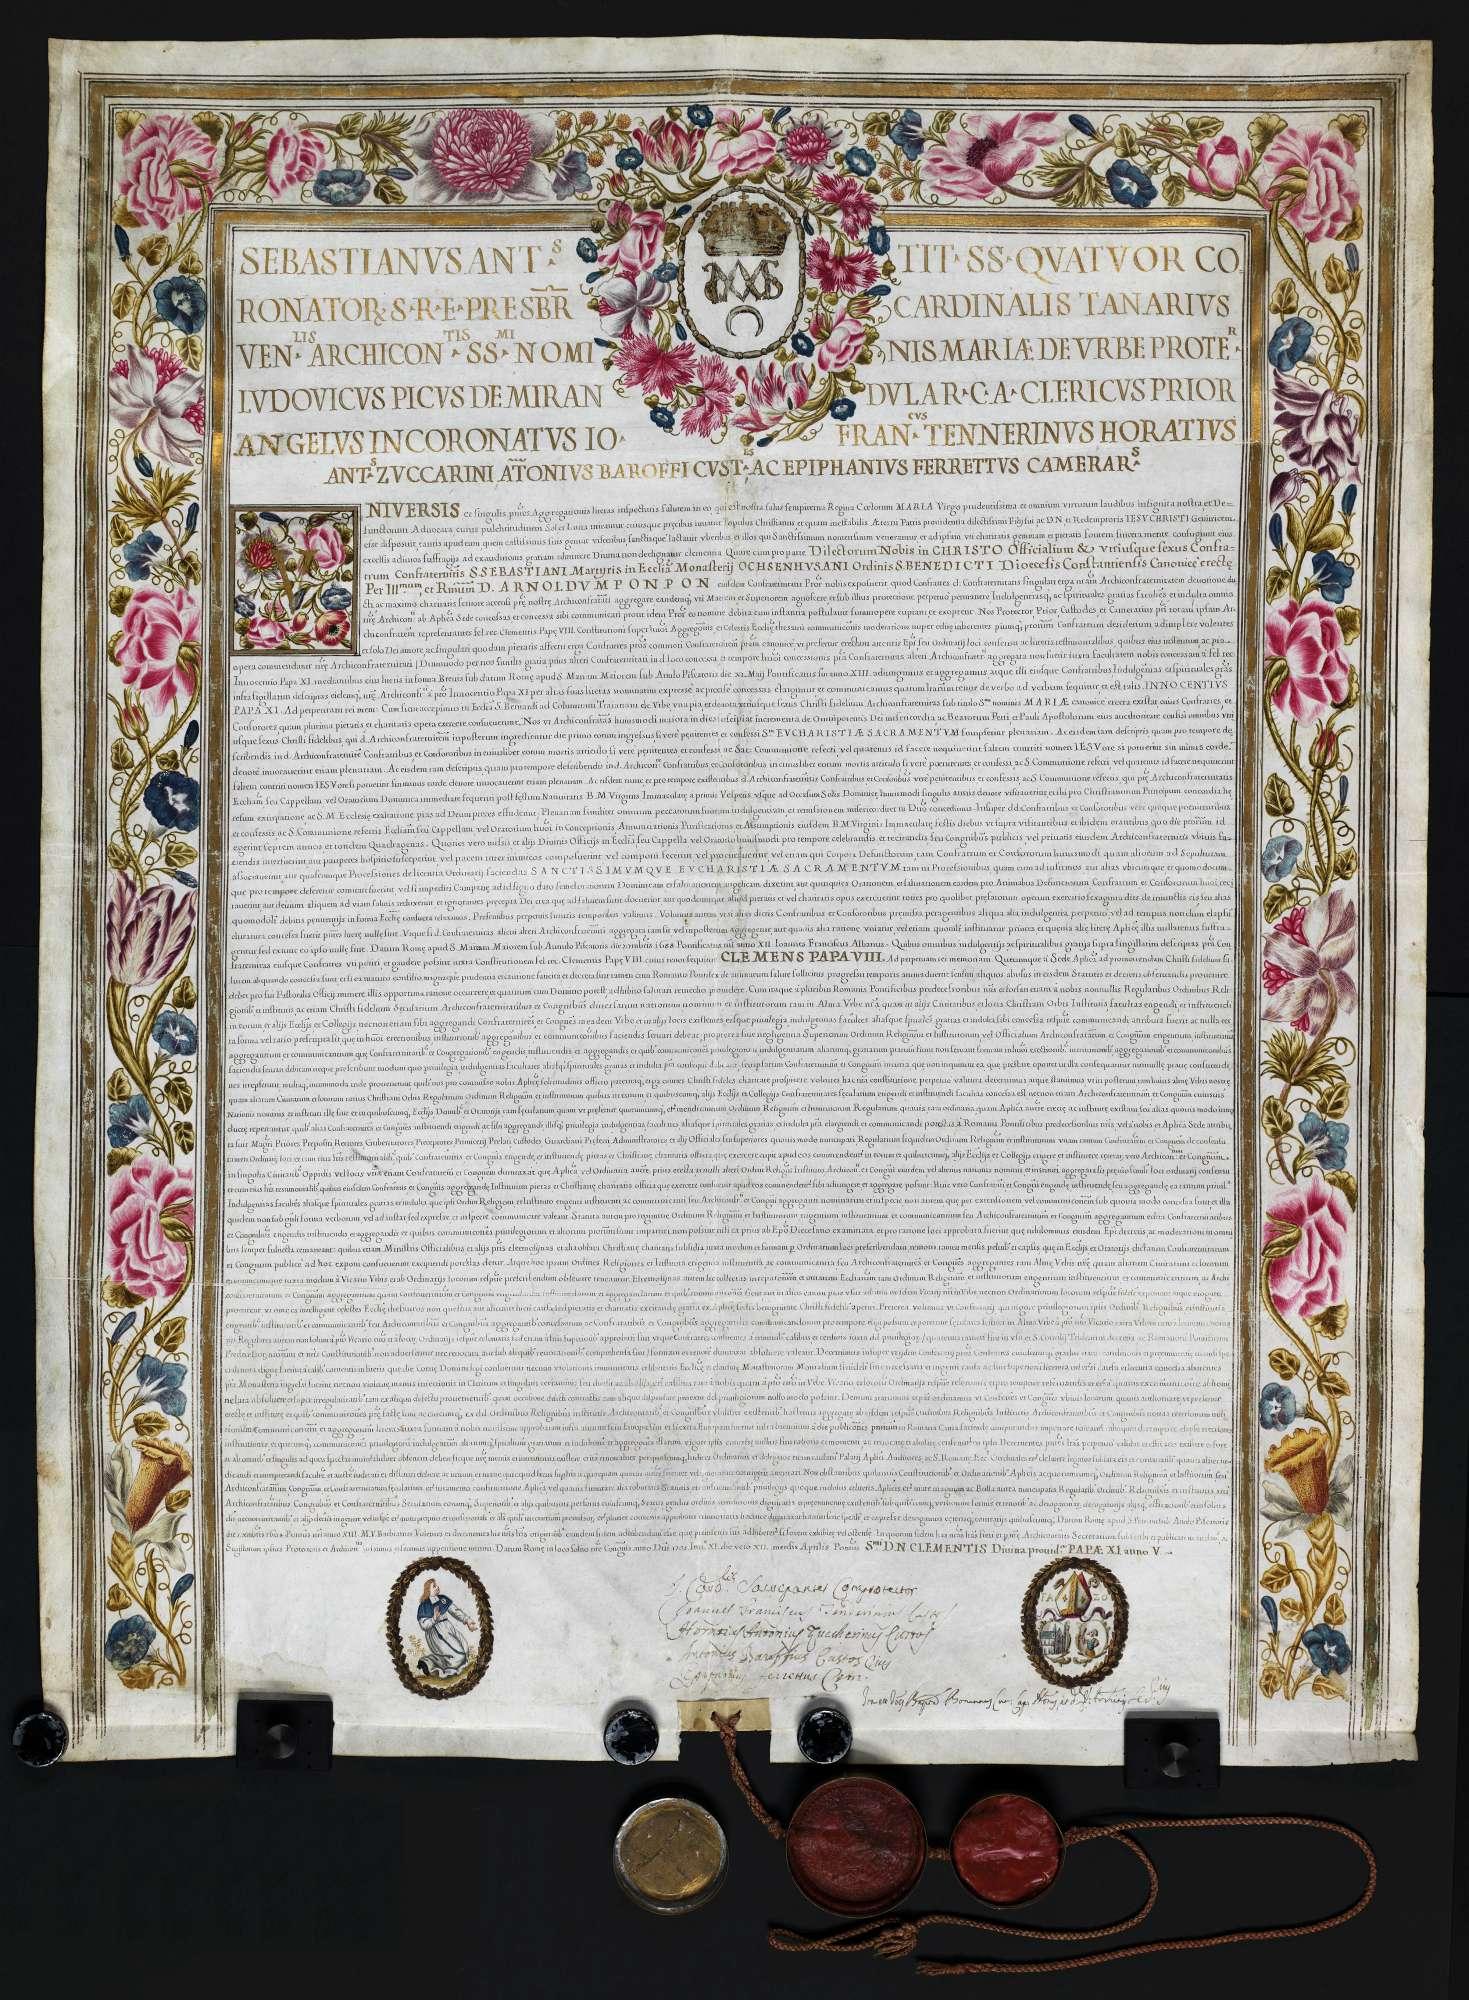 Ablass für die Sebastiansbruderschaft in Ochsenhausen mit inserierten Urkunden der Päpste Clemens VIII. (1592-1605) von 1604 Dez. 7 und Innocenz XI. (1676-1689) von 1688 Sept. 7, Bild 1